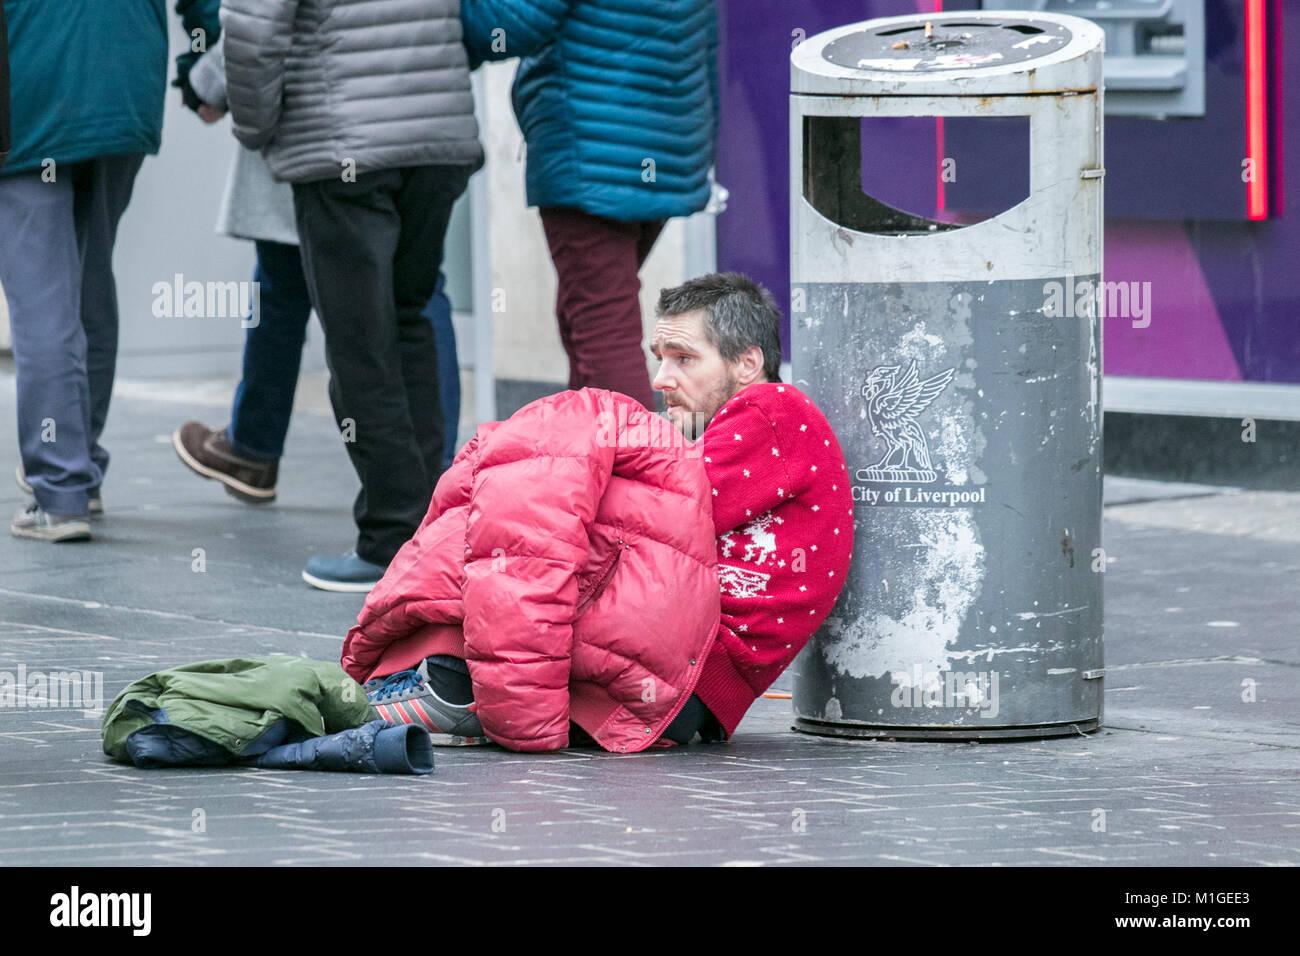 El desamparo sin techo durmiendo mendigar mendiga mendigos hambrientos frío invierno triste donación dinero Imagen De Stock